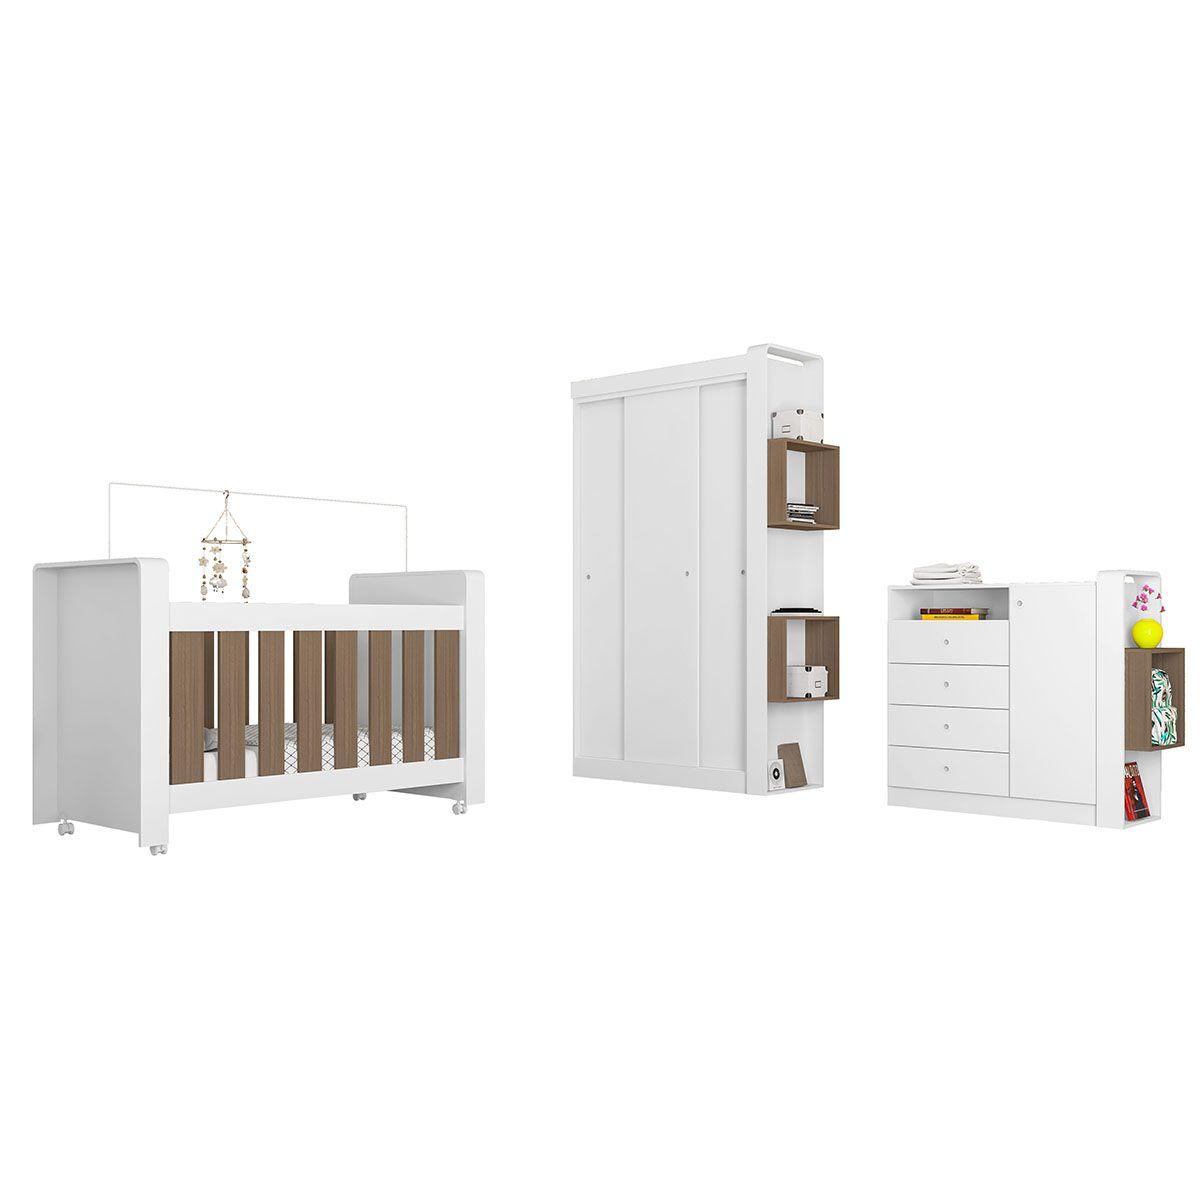 Quarto Infantil Completo Berço Cômoda Guarda Roupa 3 Portas de Correr 1 Kit de Rodízios Doce Cheiro Montana - Art In Móveis